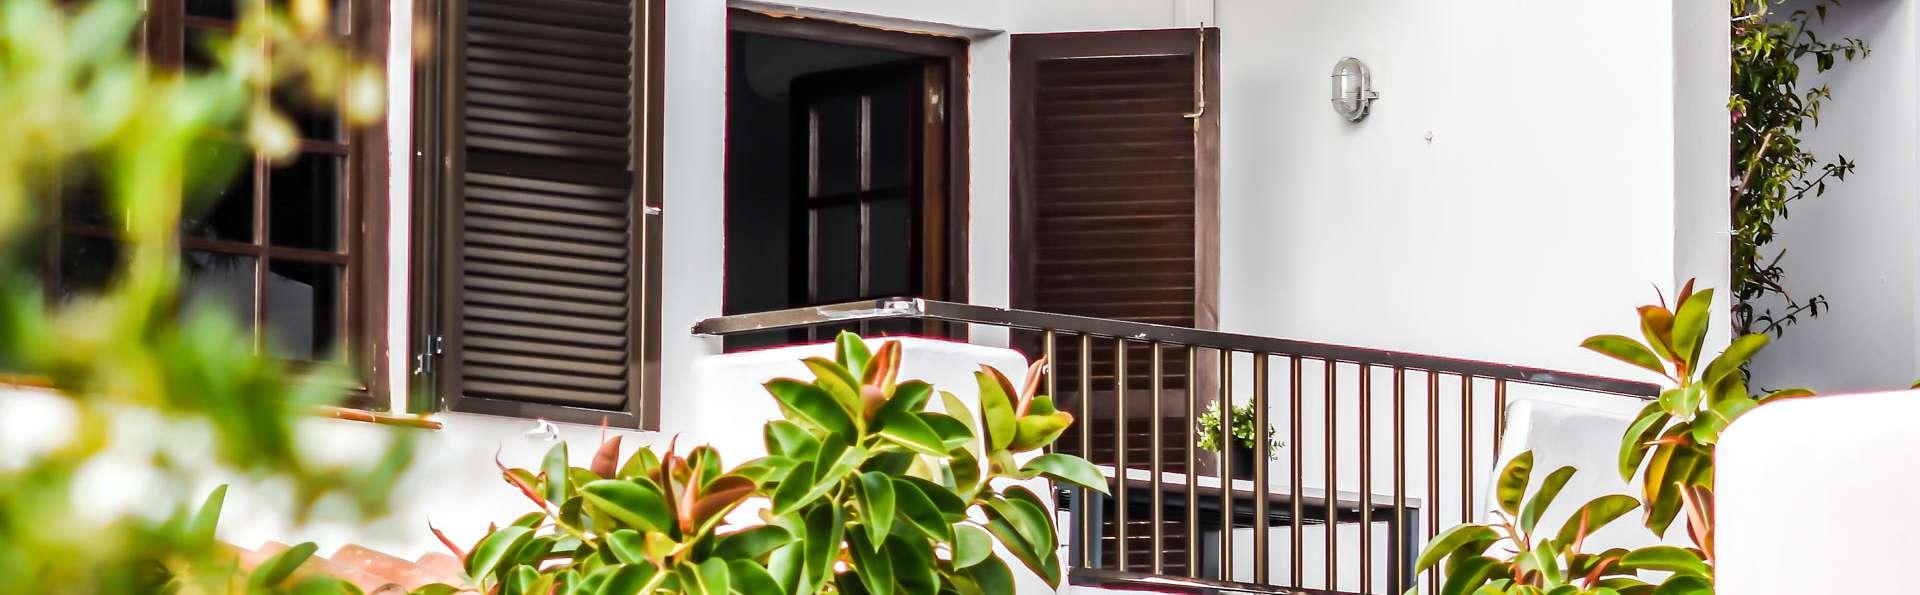 Descubre Menorca y sus maravillosas calas, descansa en un bonito apartamento con desayuno incluido